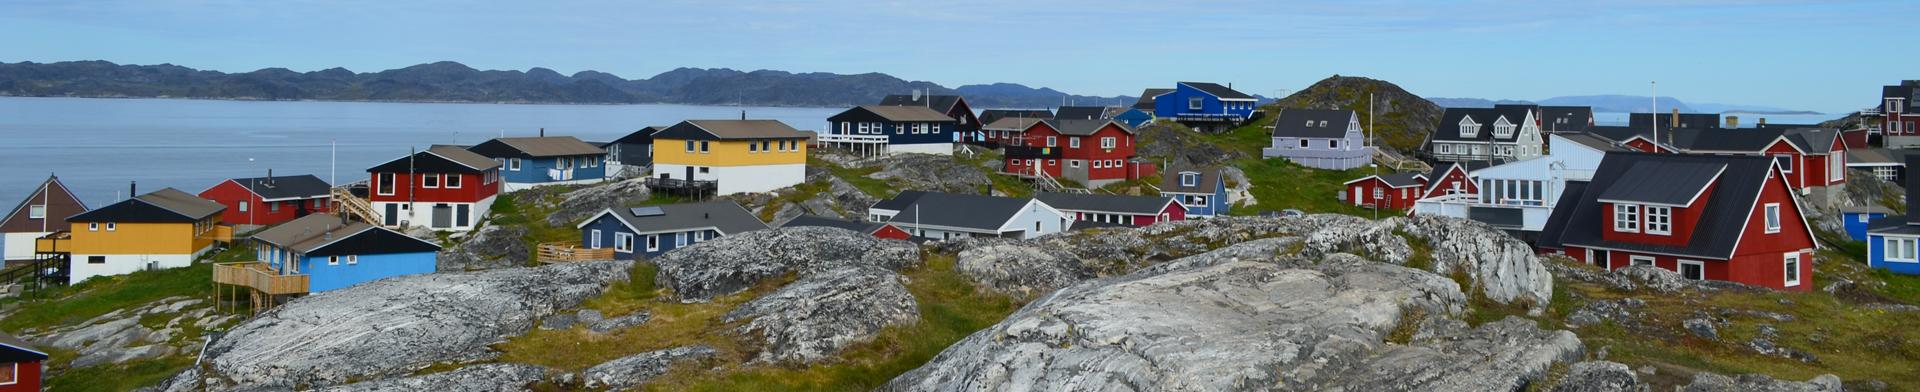 Grönland – bilder från ett sagolikt vackert land!